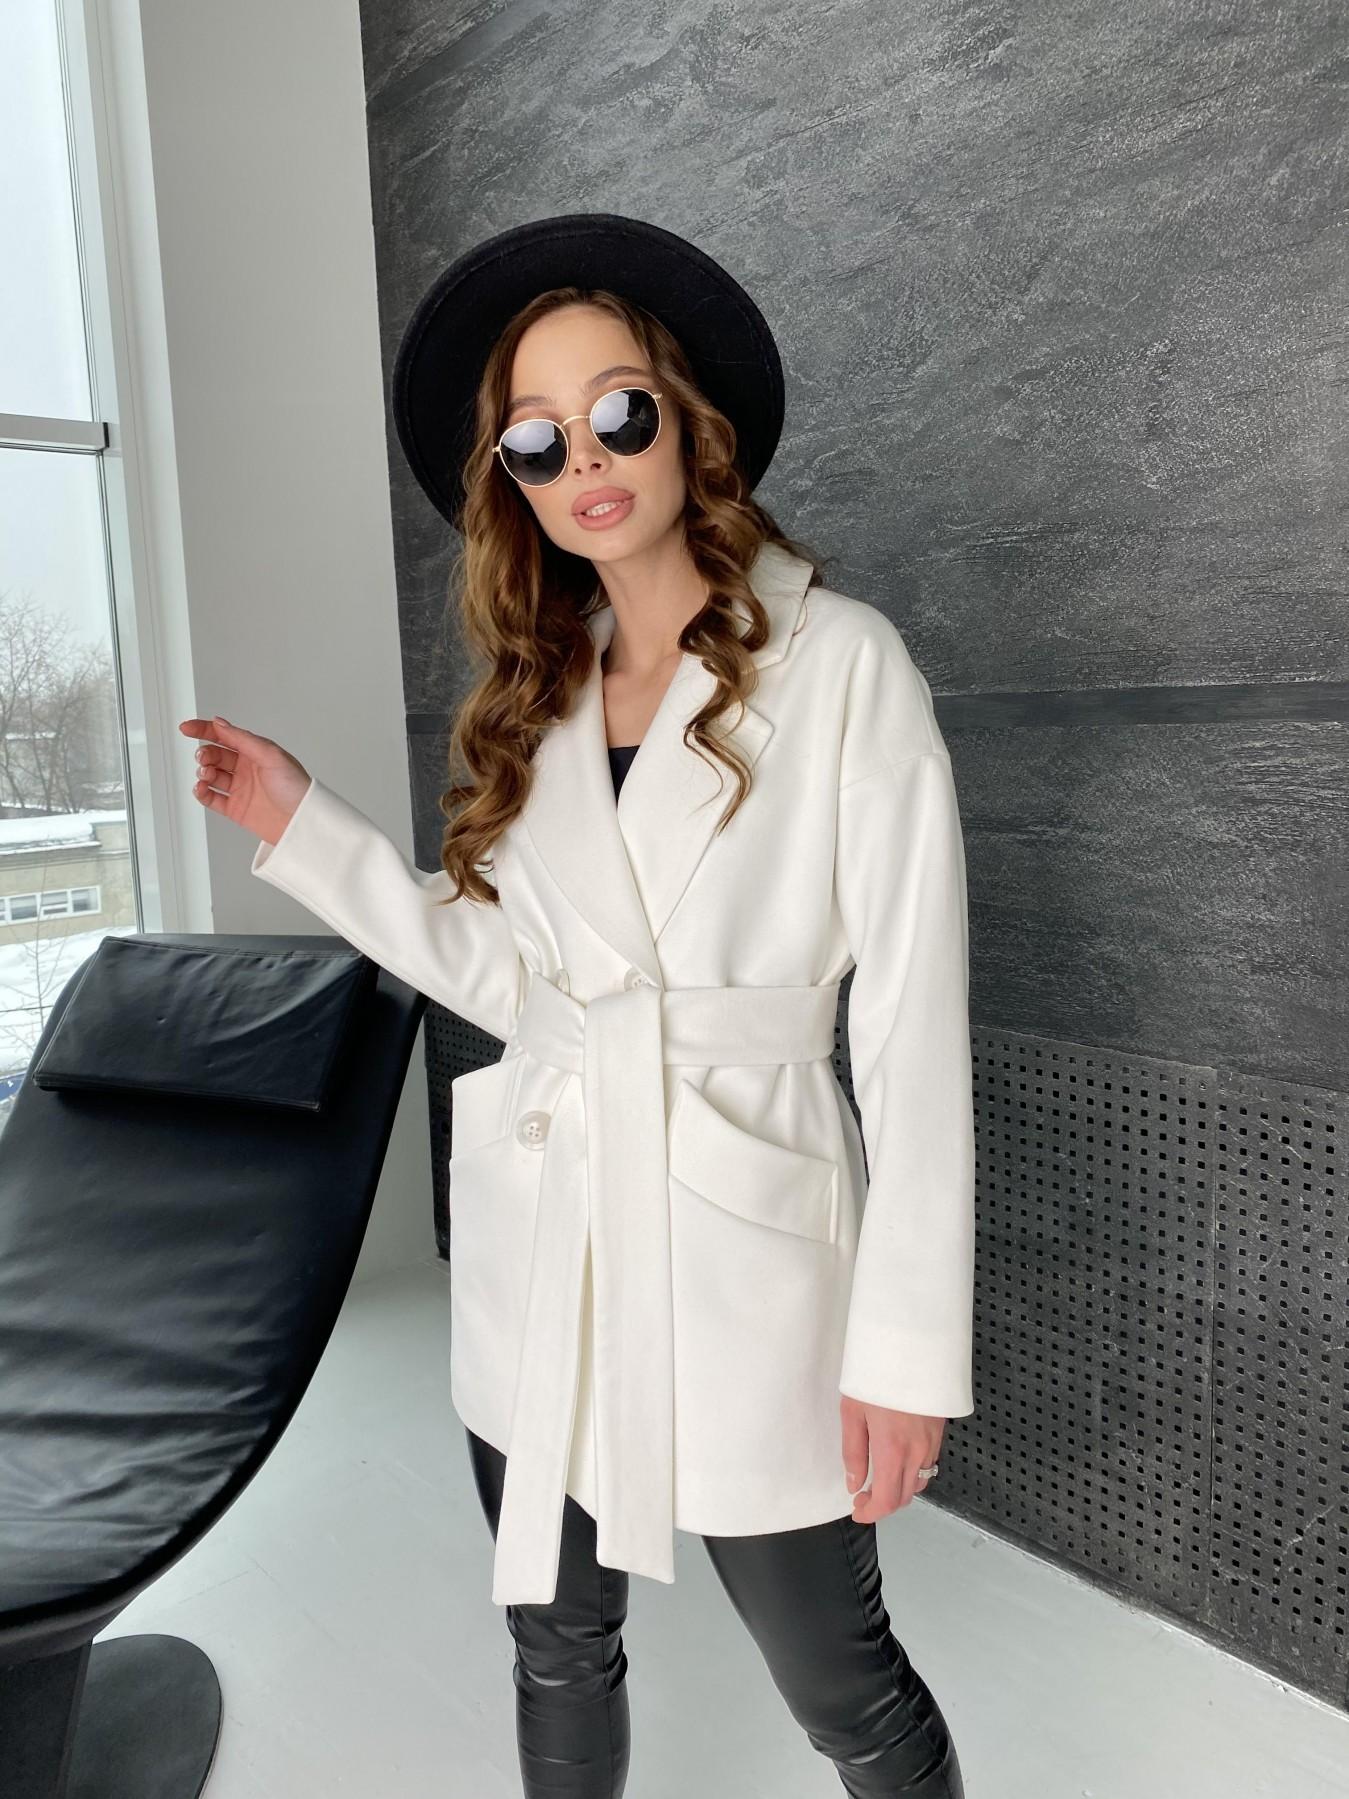 Бонд пальто из кашемира 10646 АРТ. 47011 Цвет: Молоко - фото 5, интернет магазин tm-modus.ru